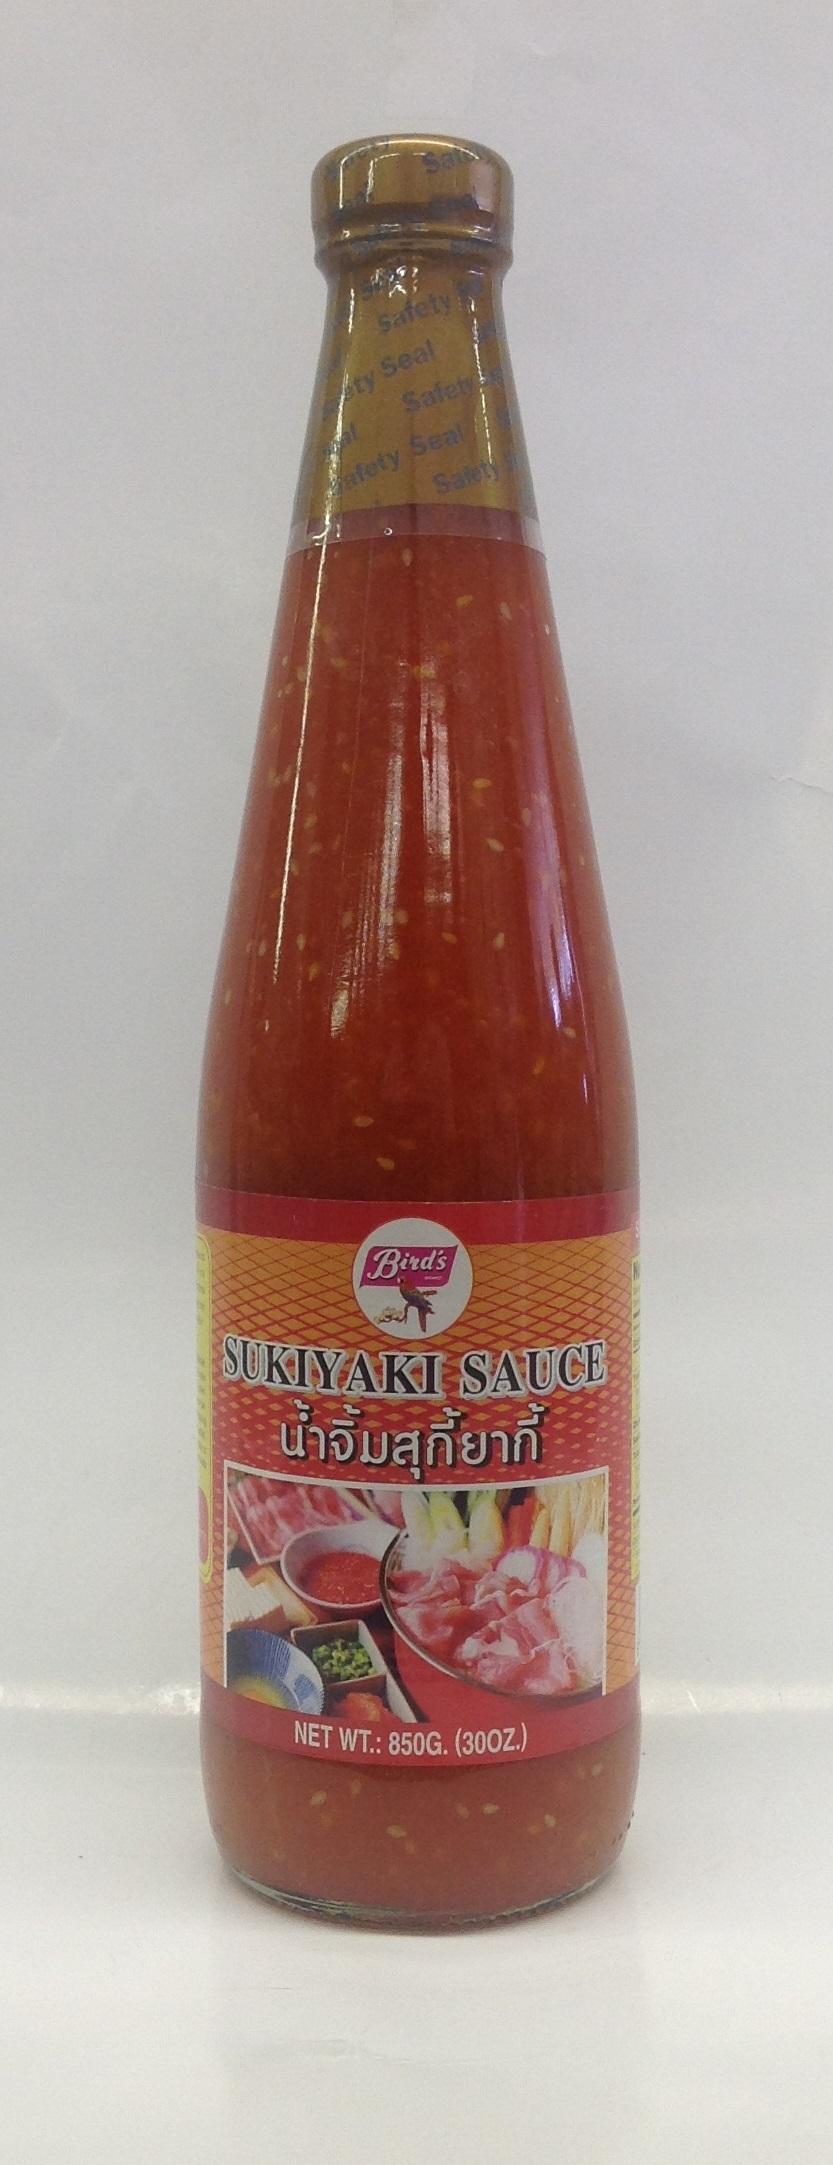 Sukiyaki Sauce   Bird's   SA17181 12x24 oz